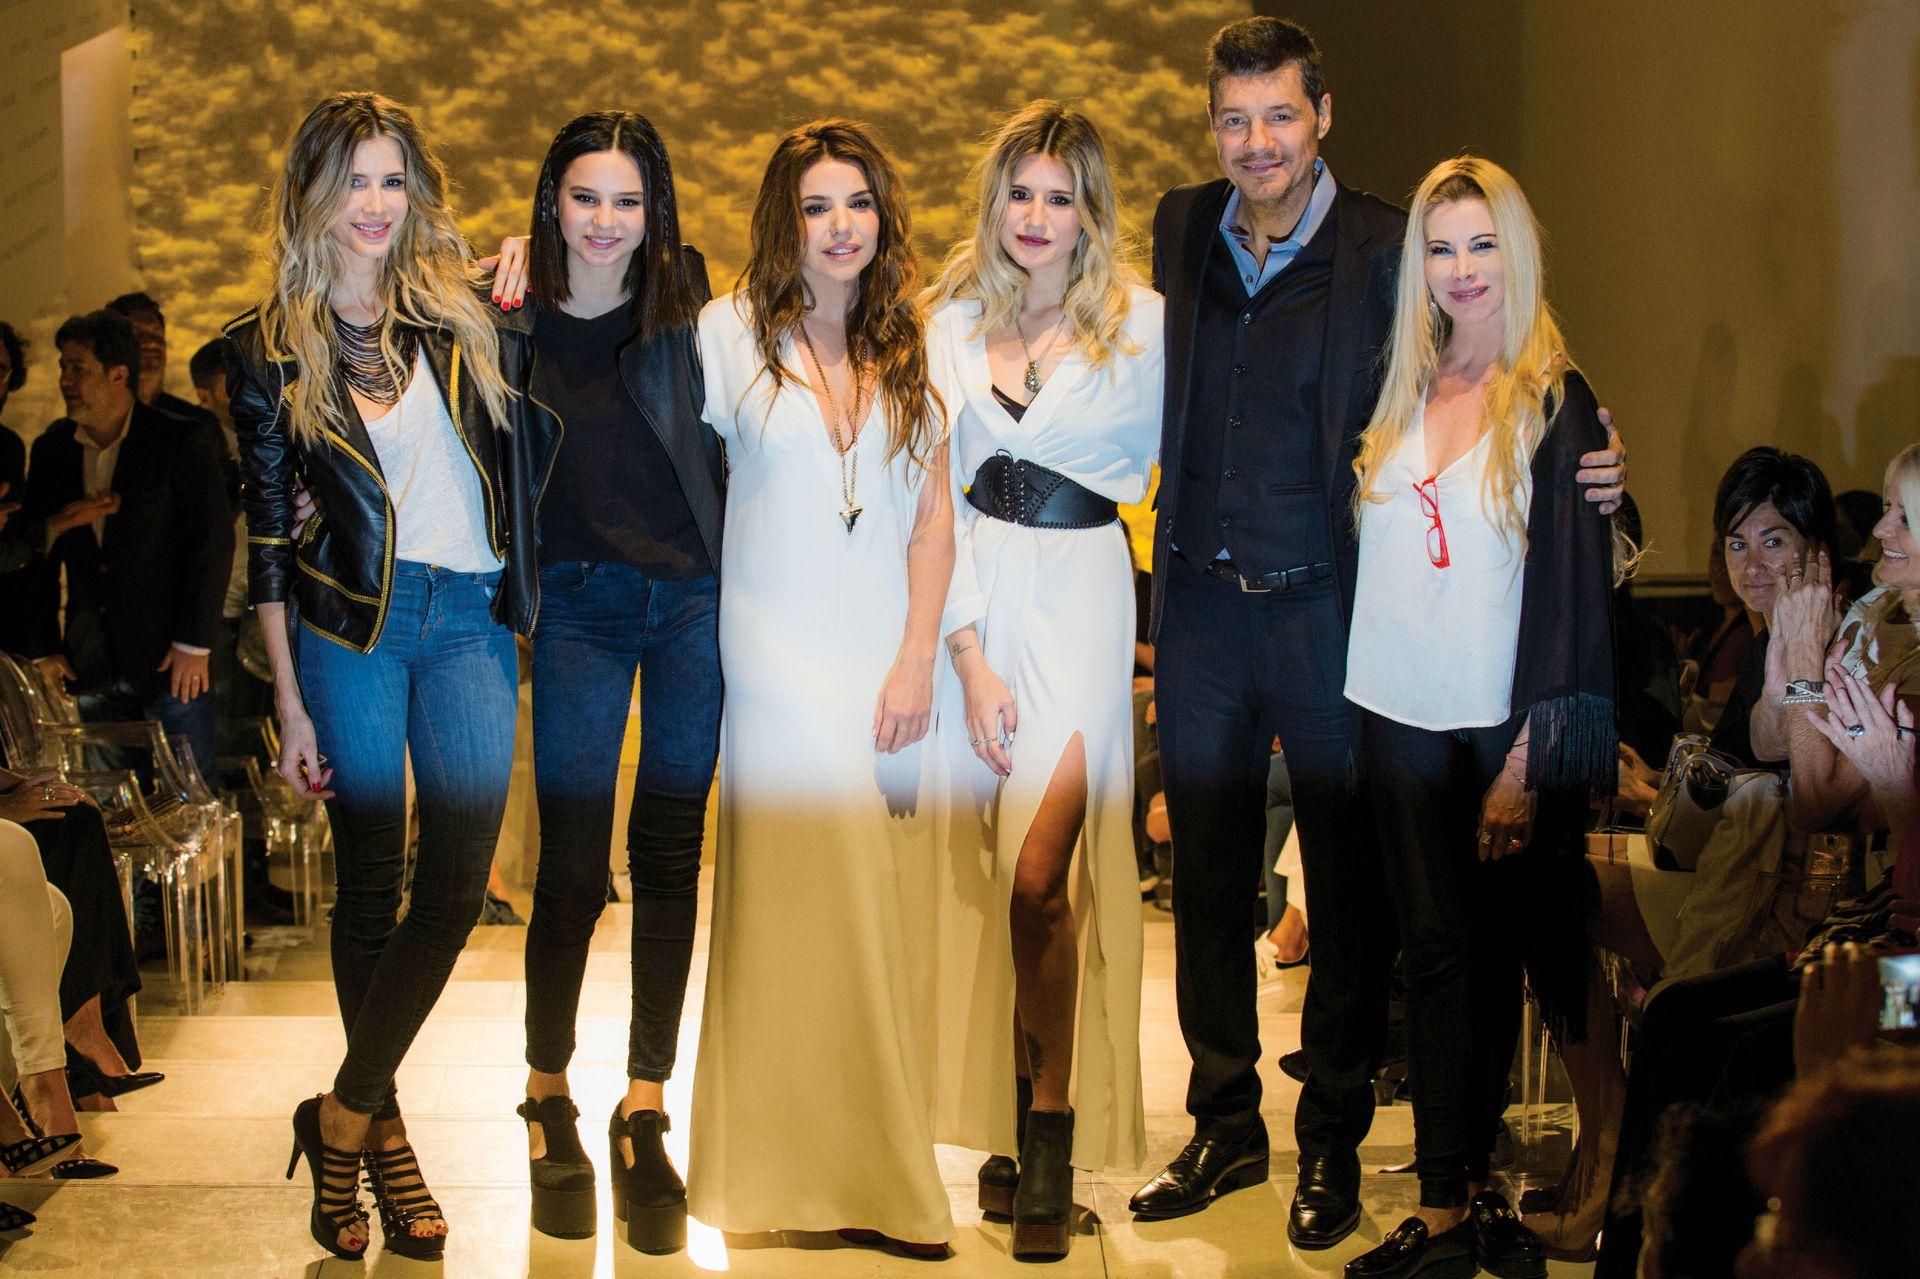 La familia unida. Guillermina Valdes, Juana Tinelli, Romina Pigretti (socia de Micaela), Micaela Tinelli, Marcelo Tinelli y Soledad Aquino